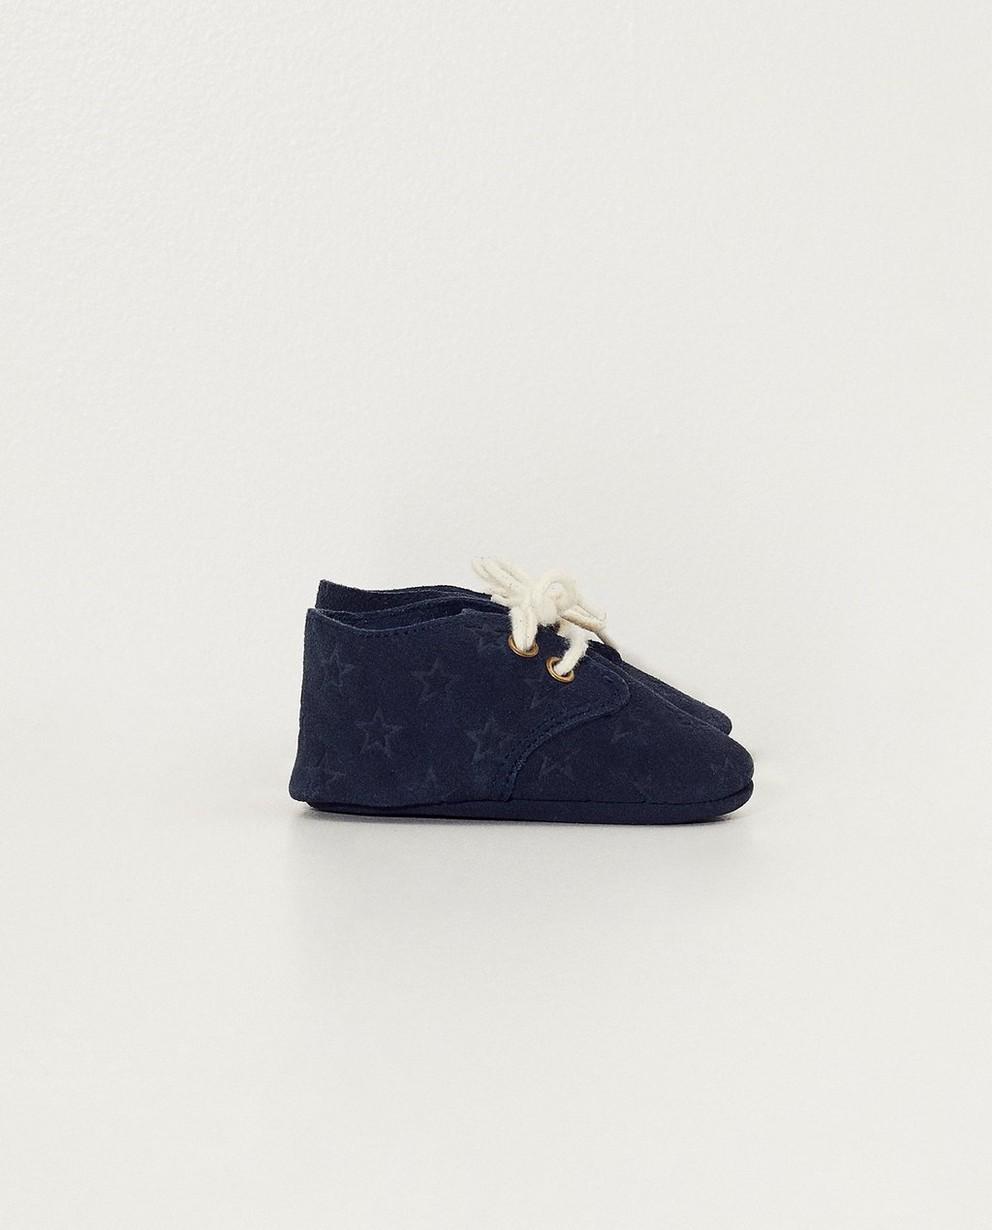 Chaussures bleues pour bébés - imprimé intégral - JBC